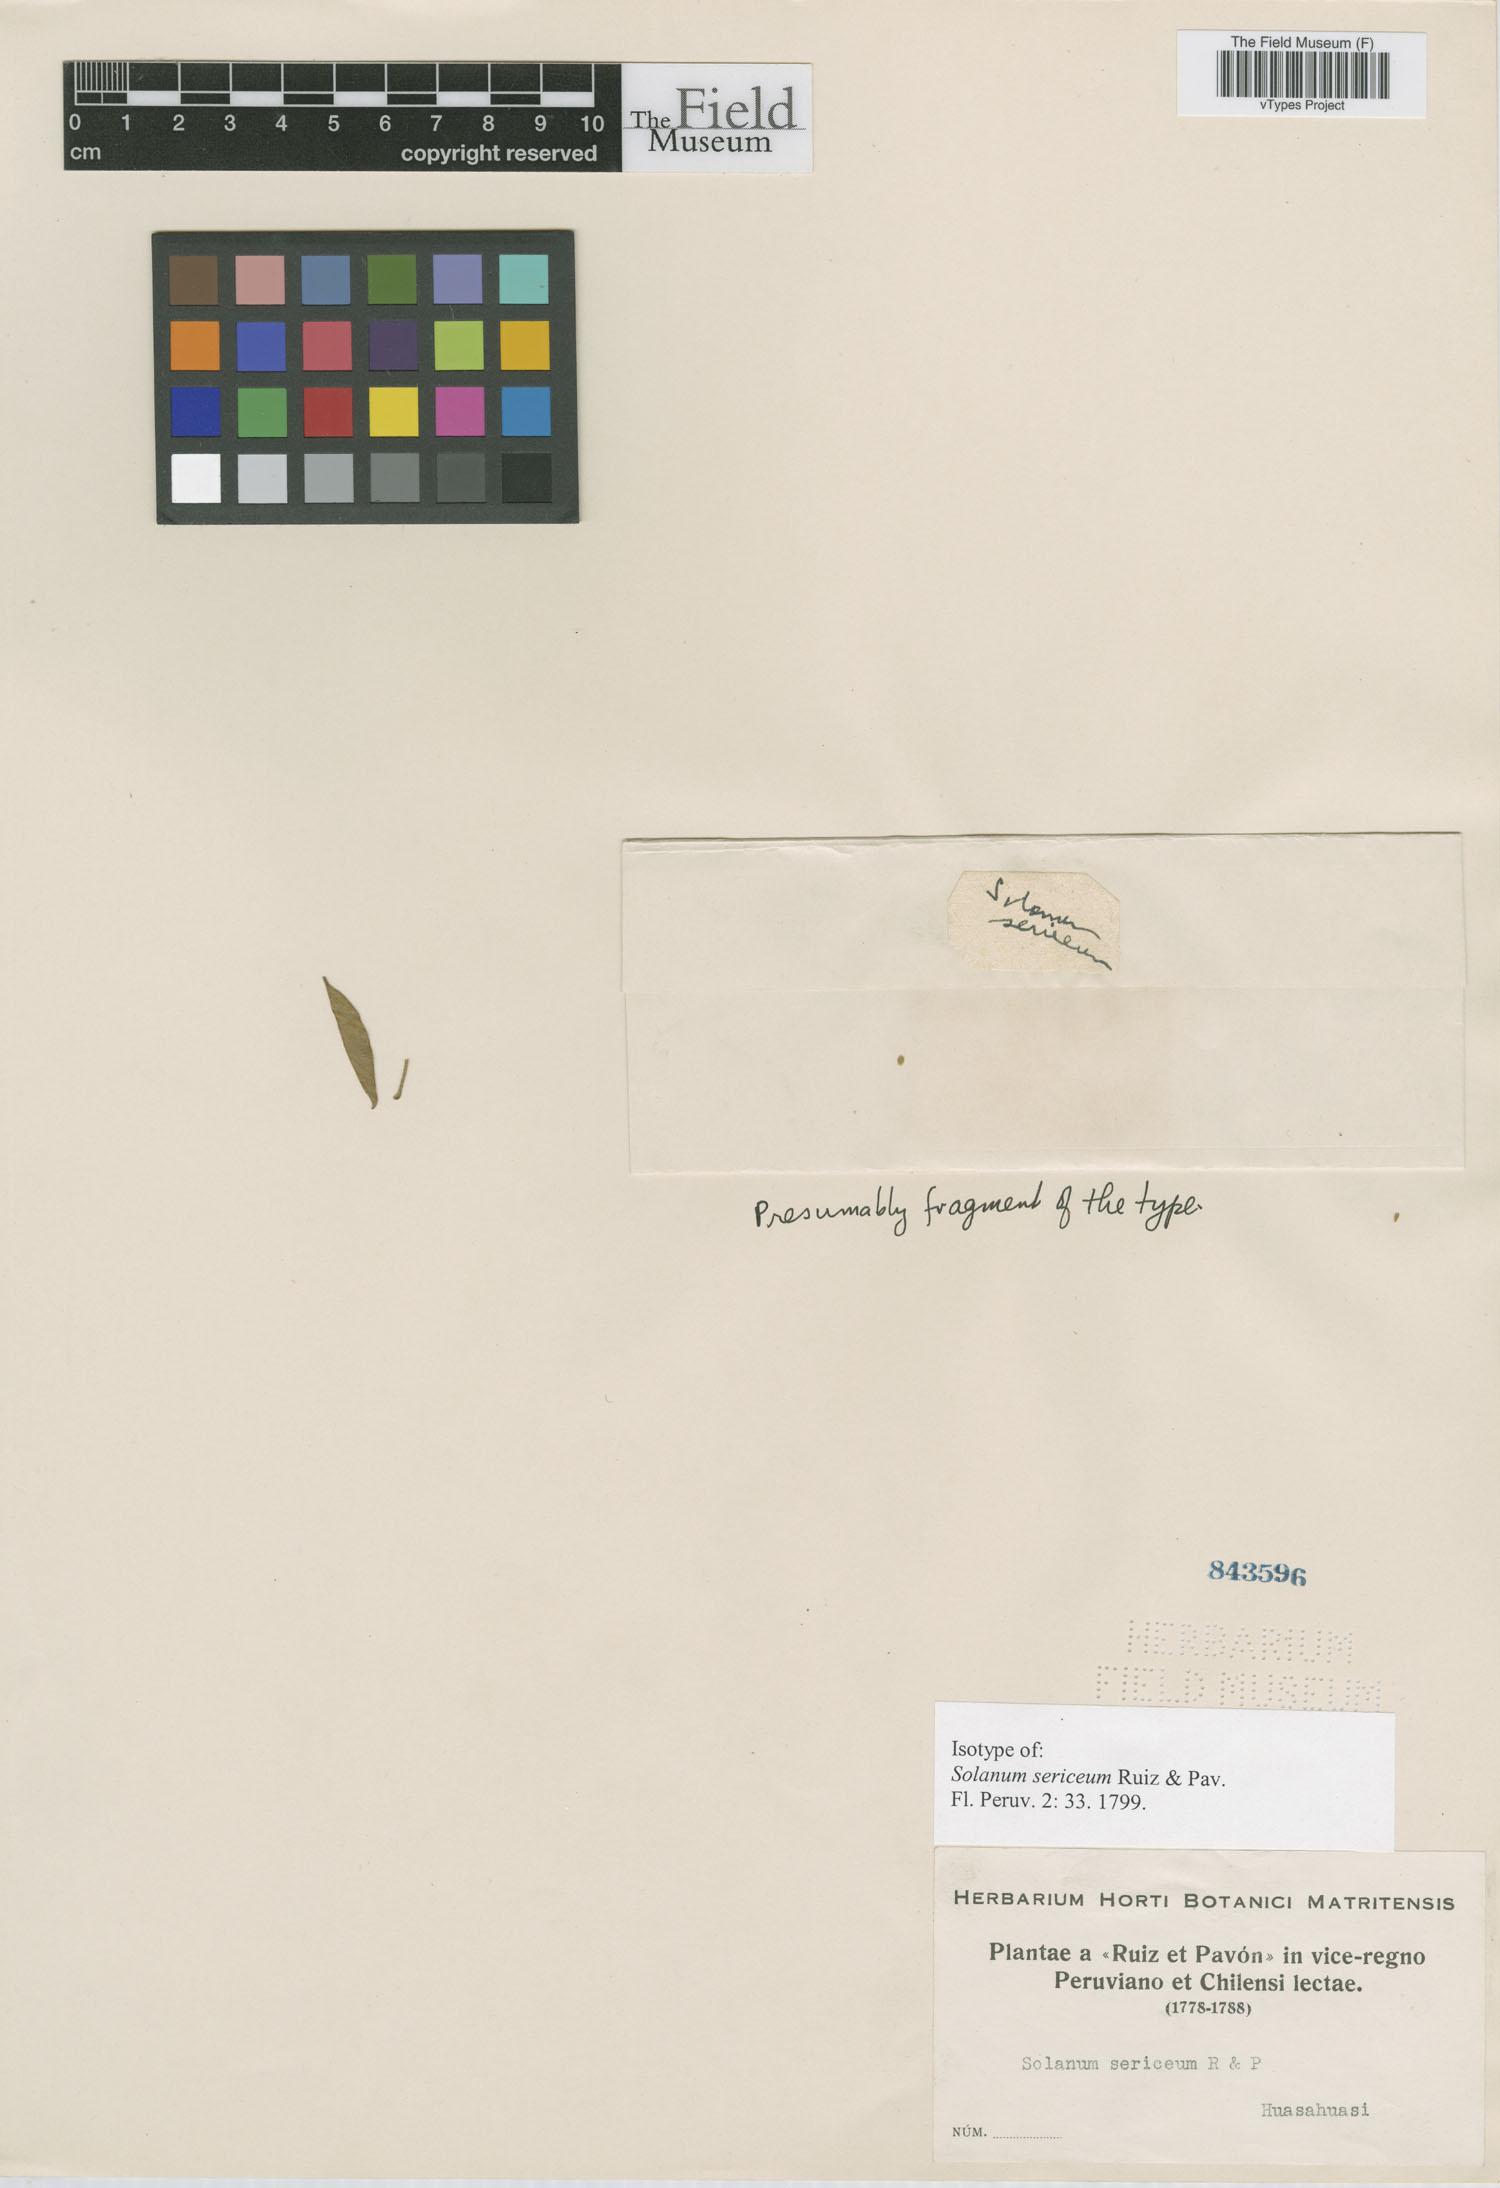 Solanum sericeum image